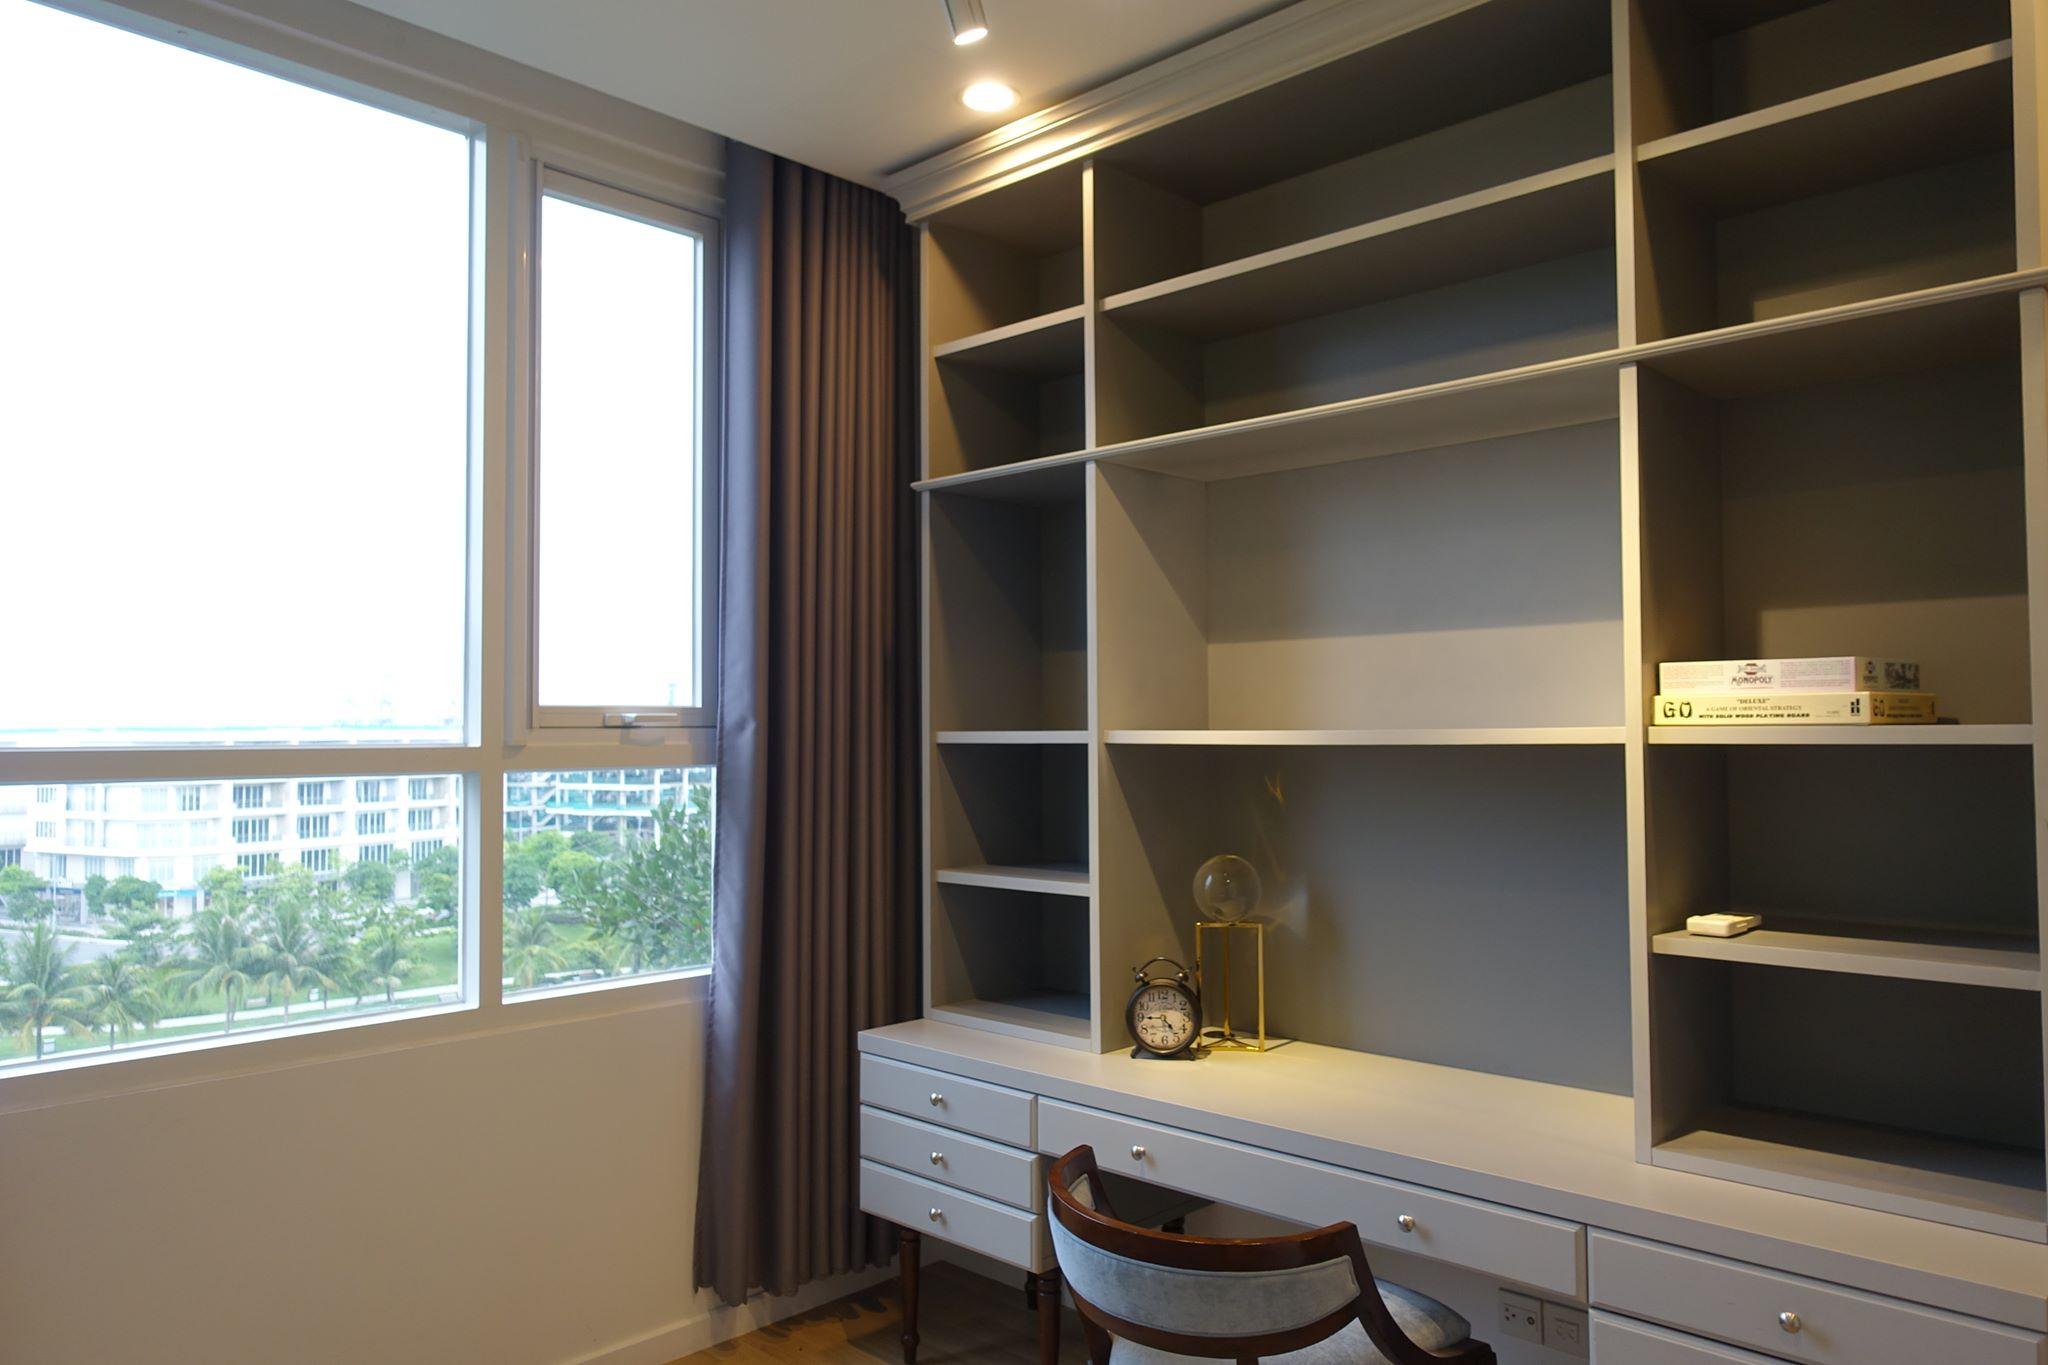 3 Cho thuê căn hộ tại Khu Đô Thị Sala - 82.5,2 - 2 phòng ngủ, 2 WC